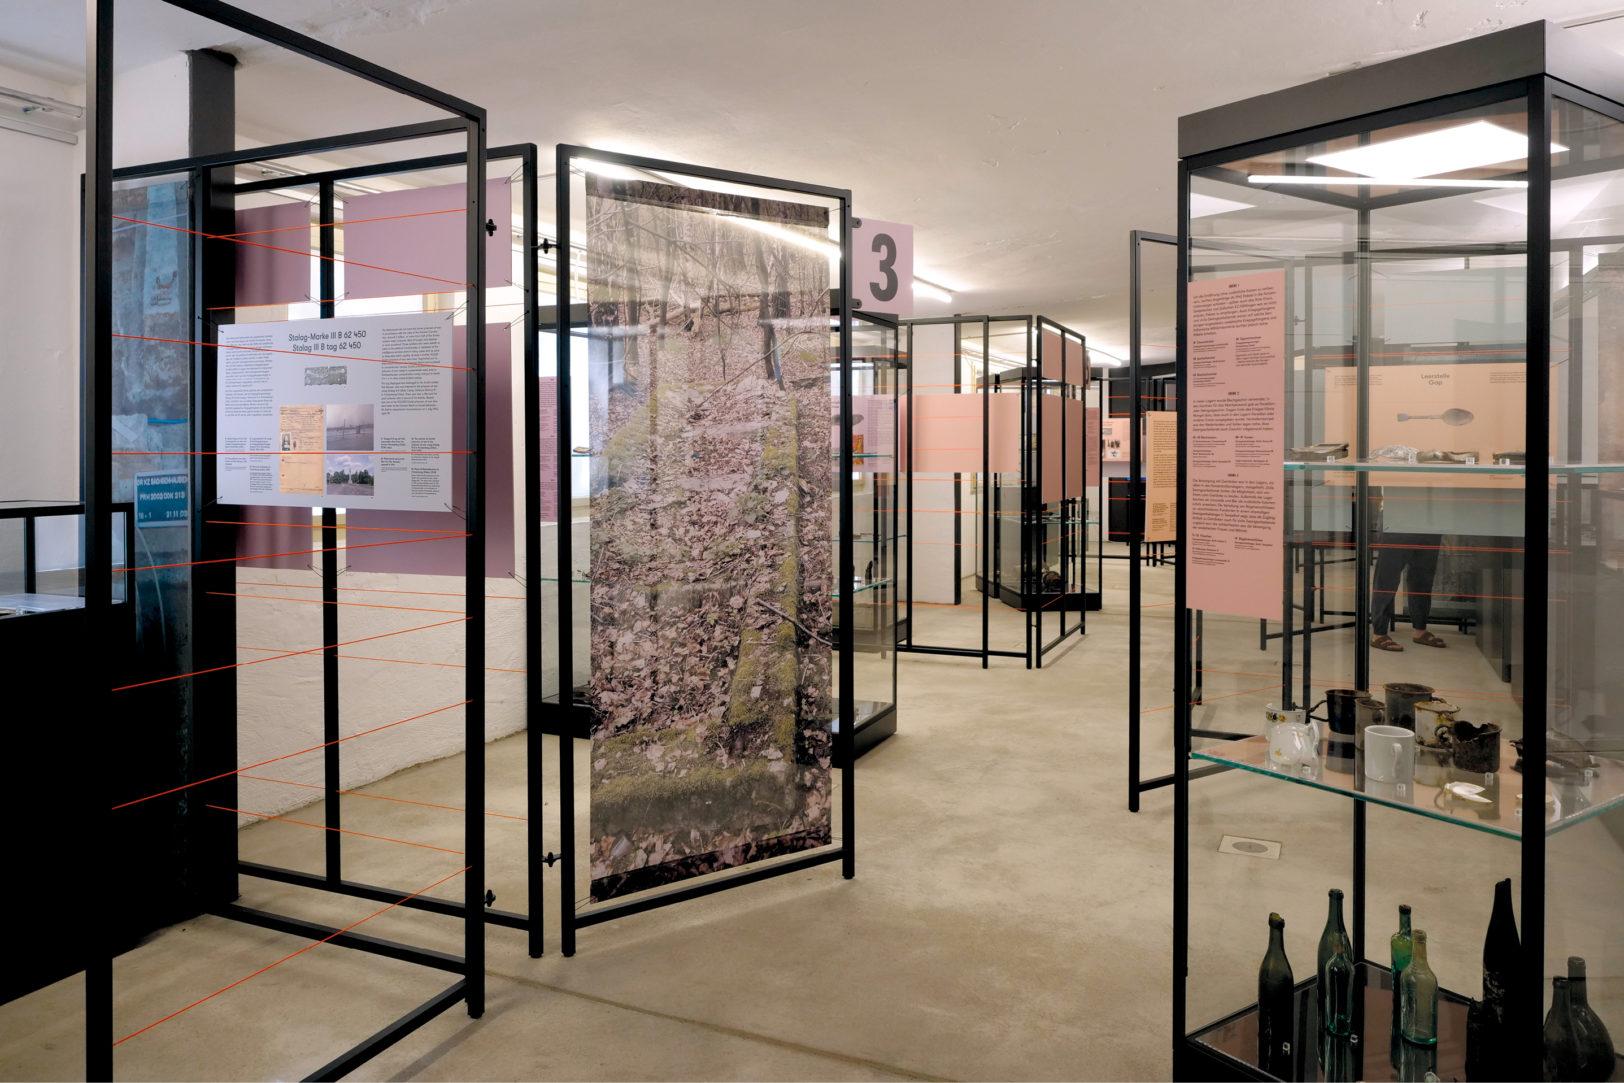 http://e-o-t.de/wordpress/wp-content/uploads/2020/04/Exhibition-Ausgeschlossen-eot-4.jpg